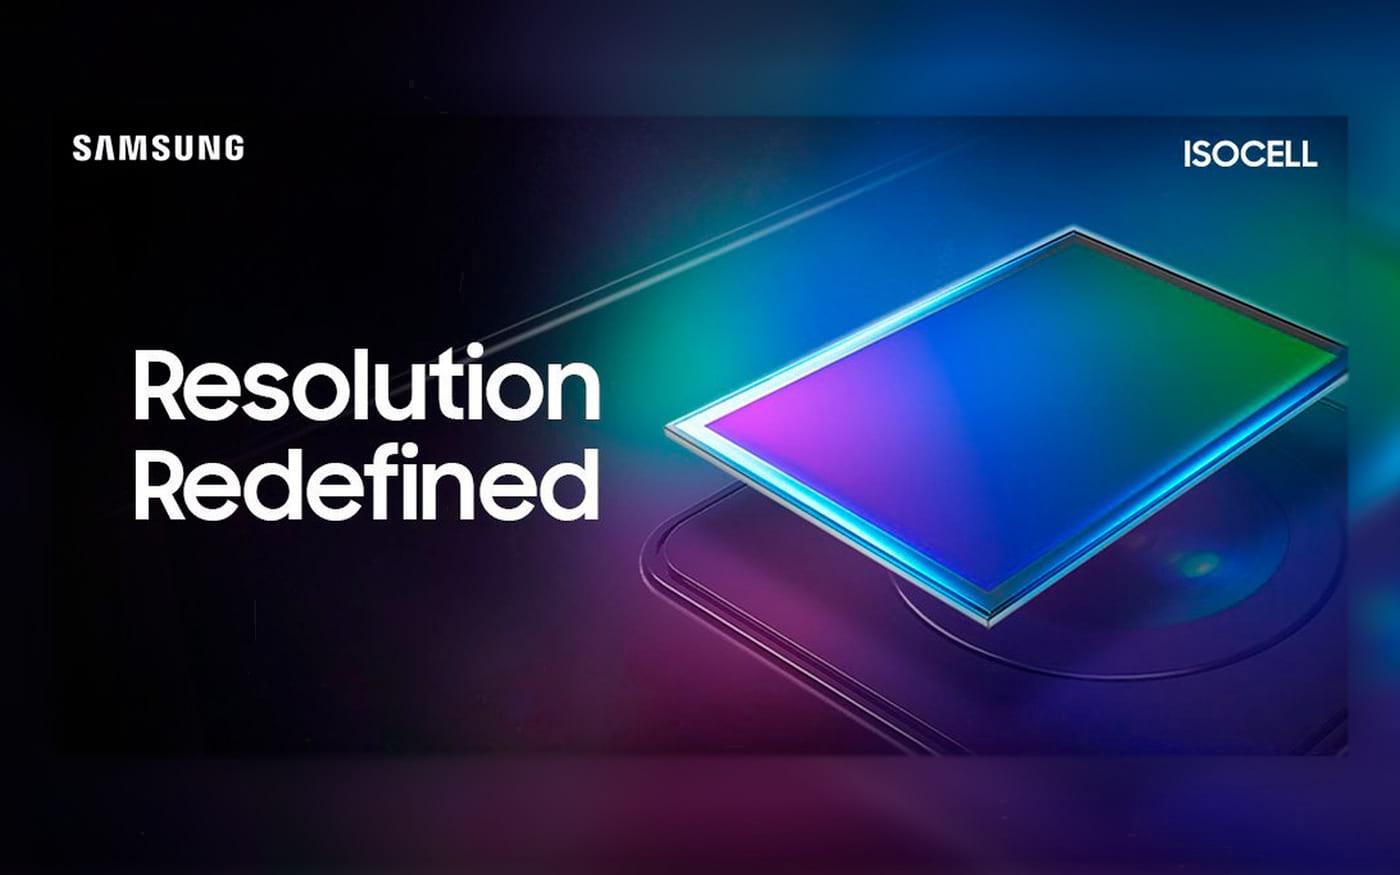 Xiaomi terá o primeiro smartphone com sensor Samsung de 200 MP - Pplware